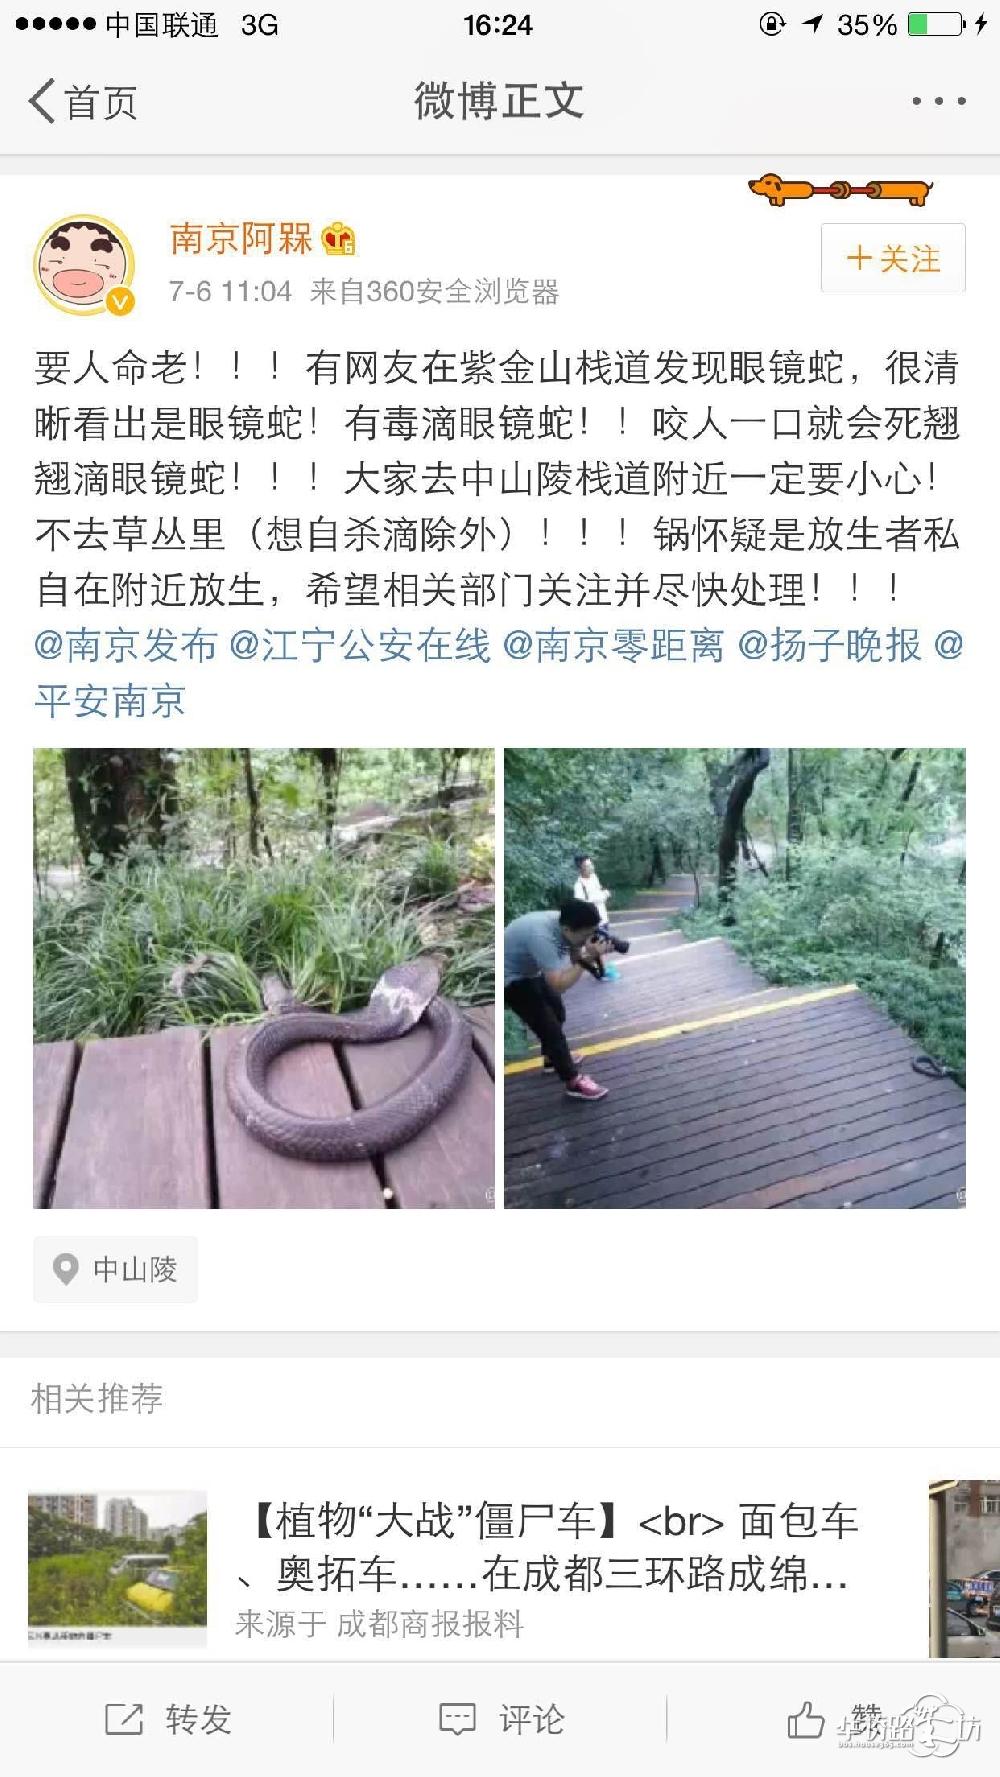 南京紫金山栈道发现眼镜蛇?真的假的,好吓人!这样放生真的是害人好吗!